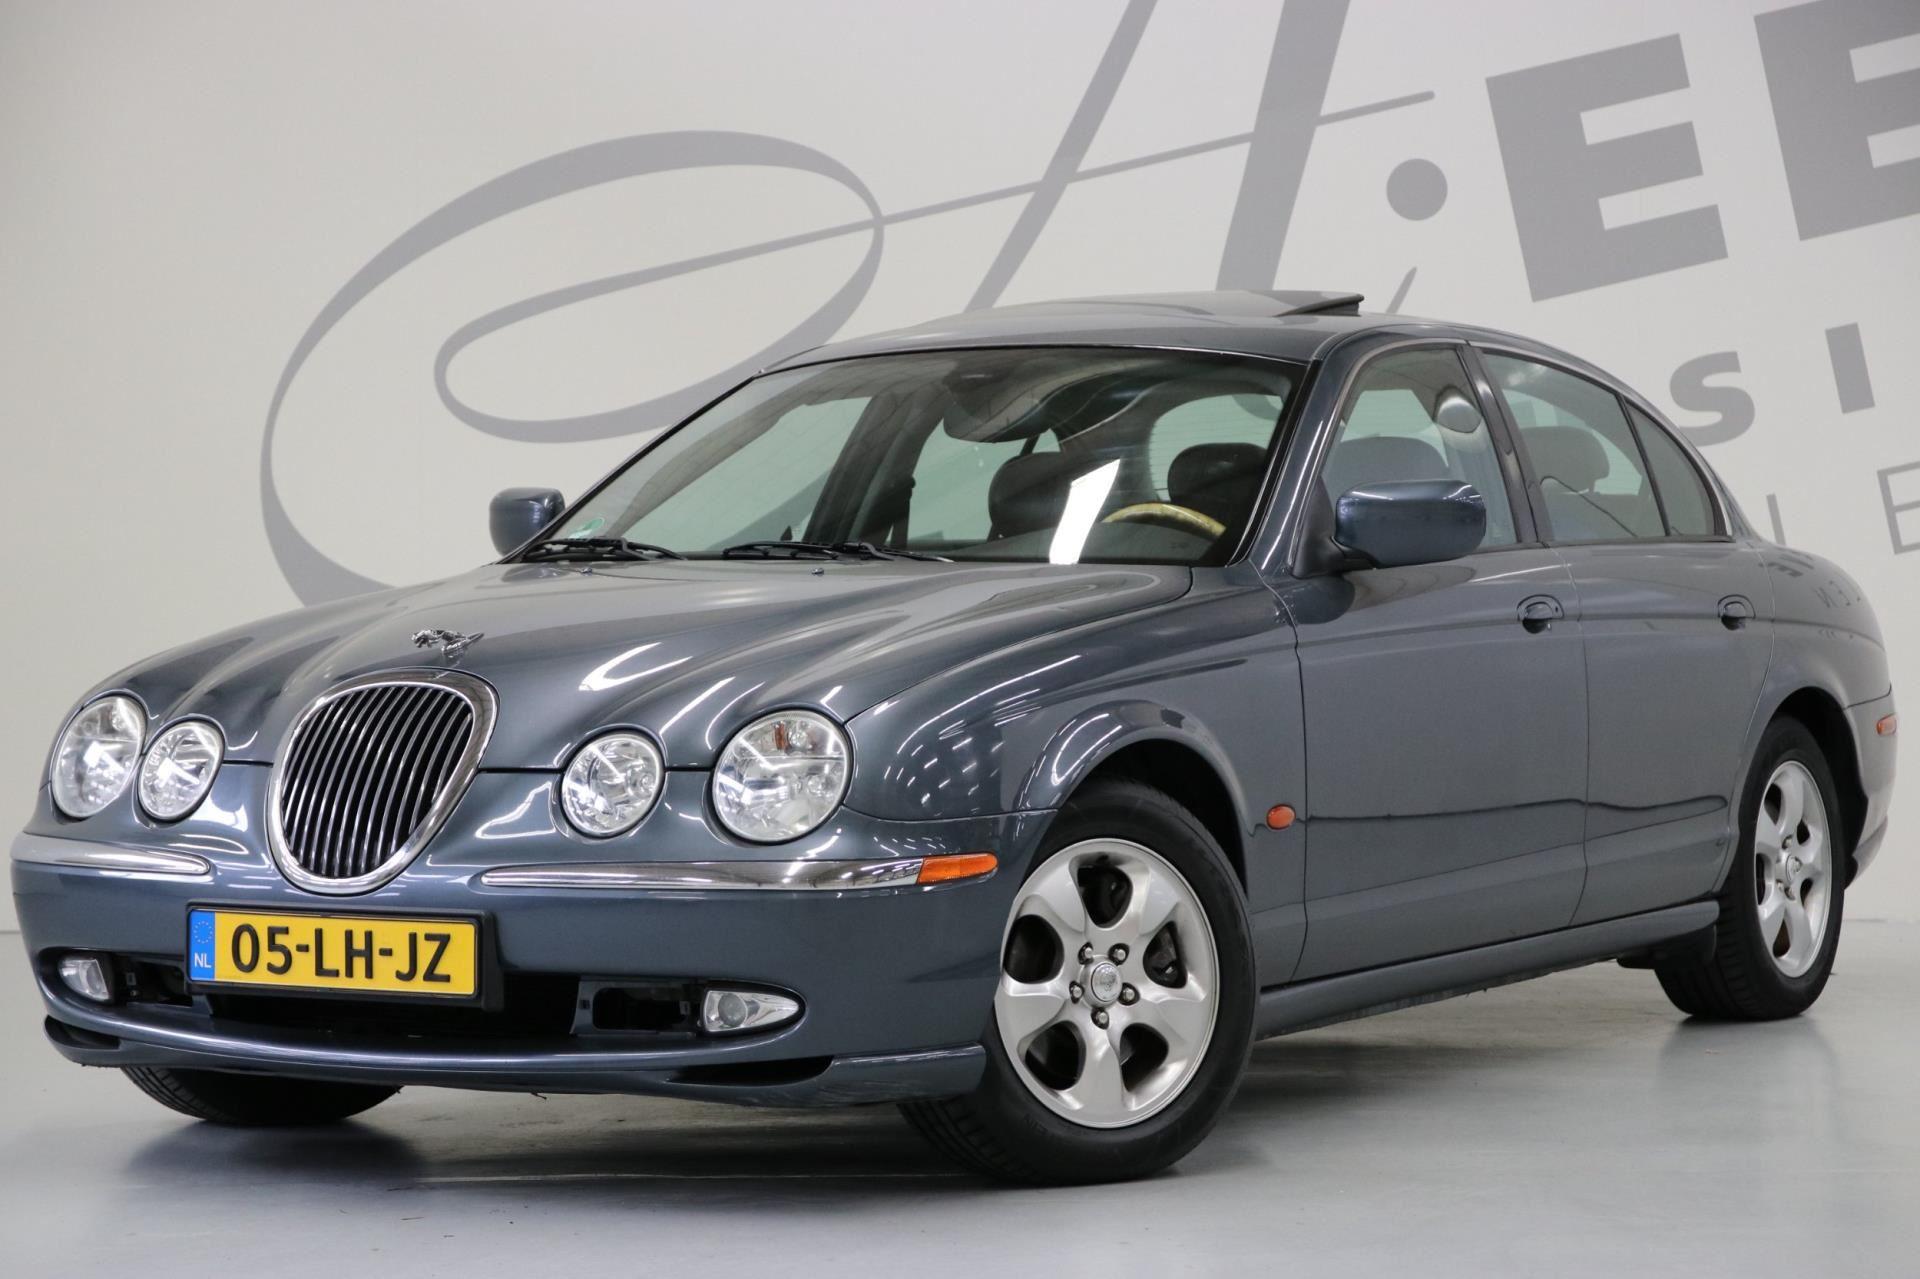 Jaguar S-type occasion - Aeen Exclusieve Automobielen